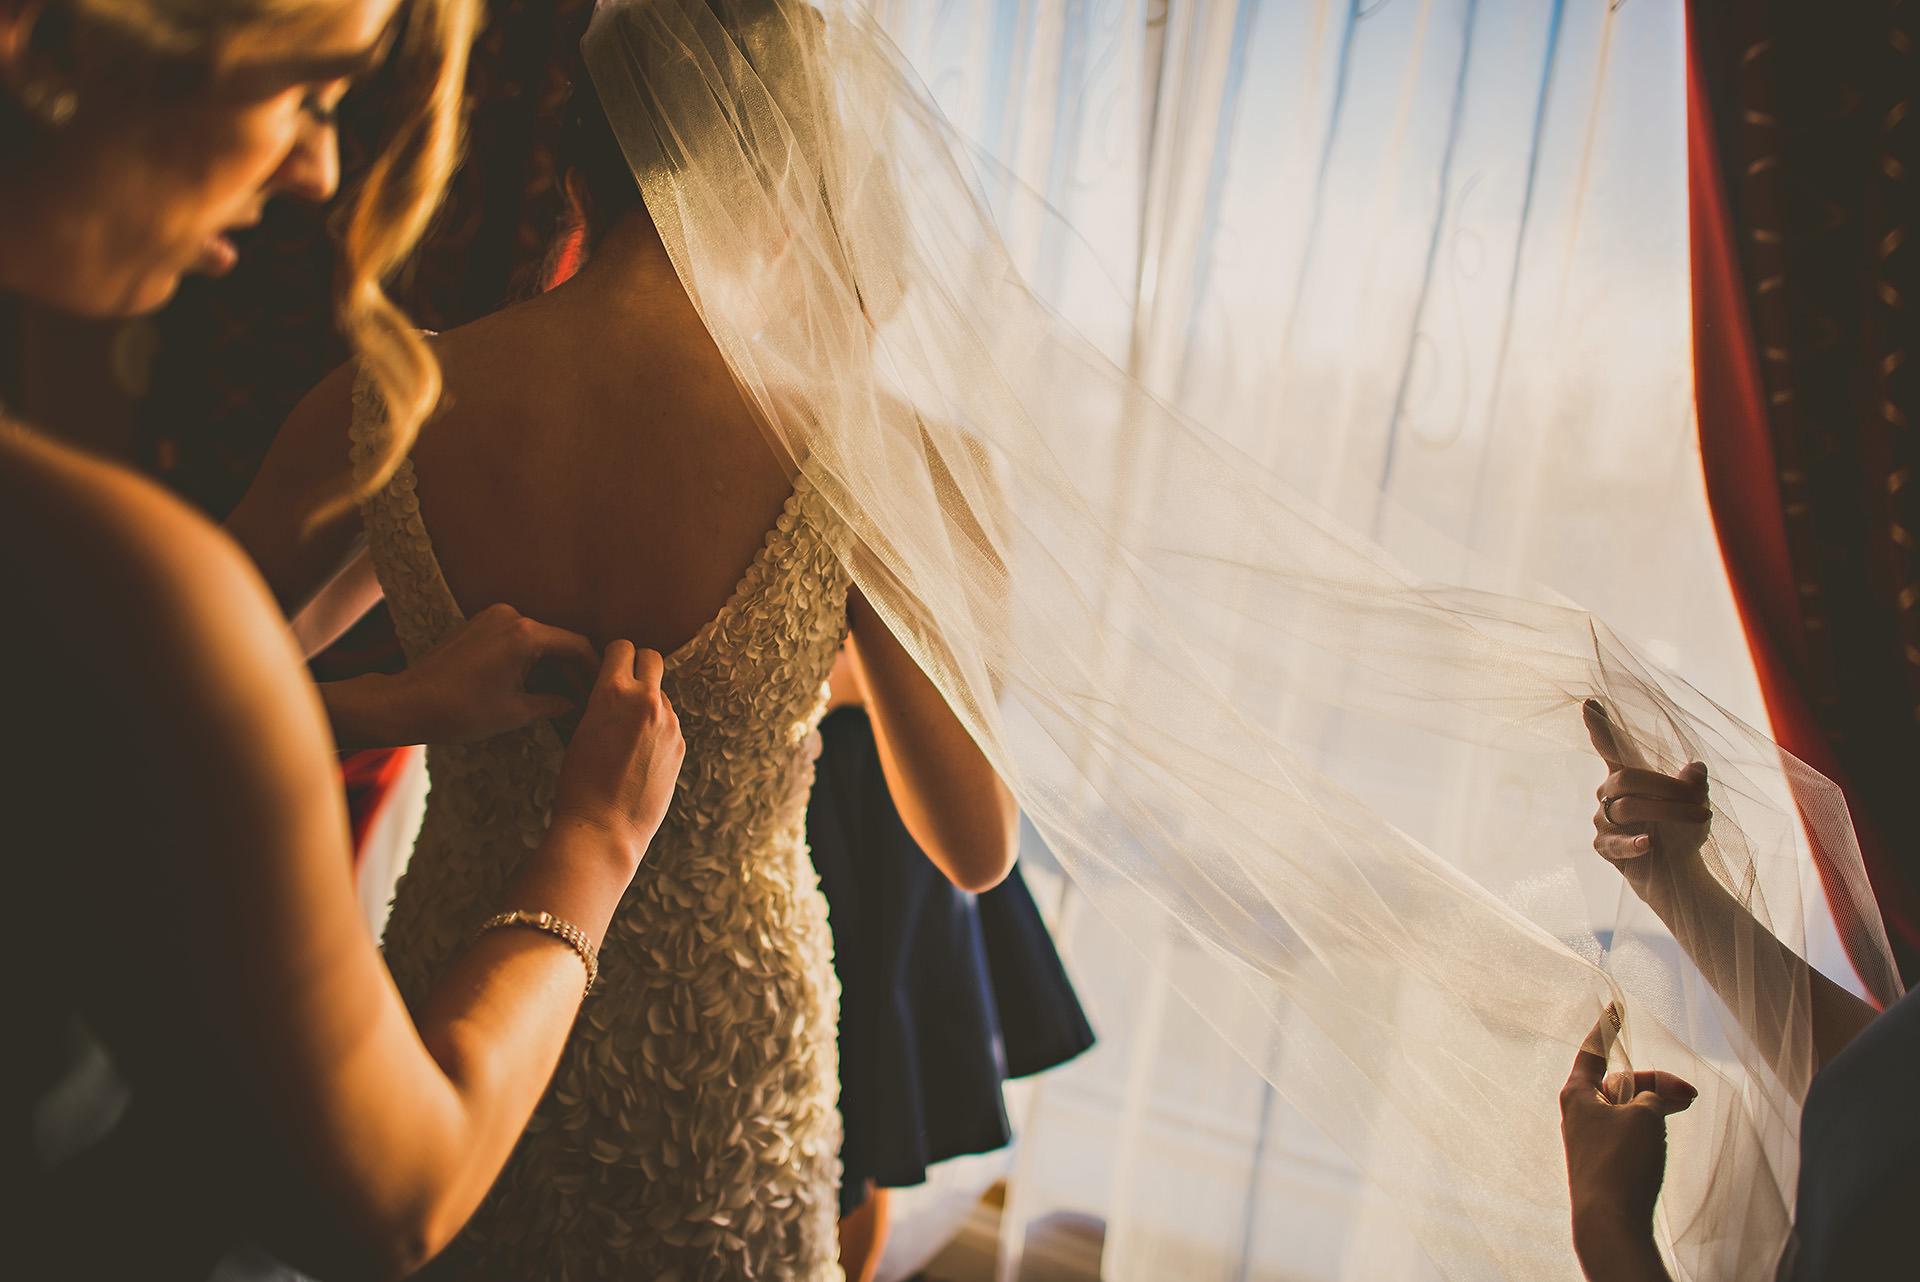 Hotel Marlowe bridal preparation